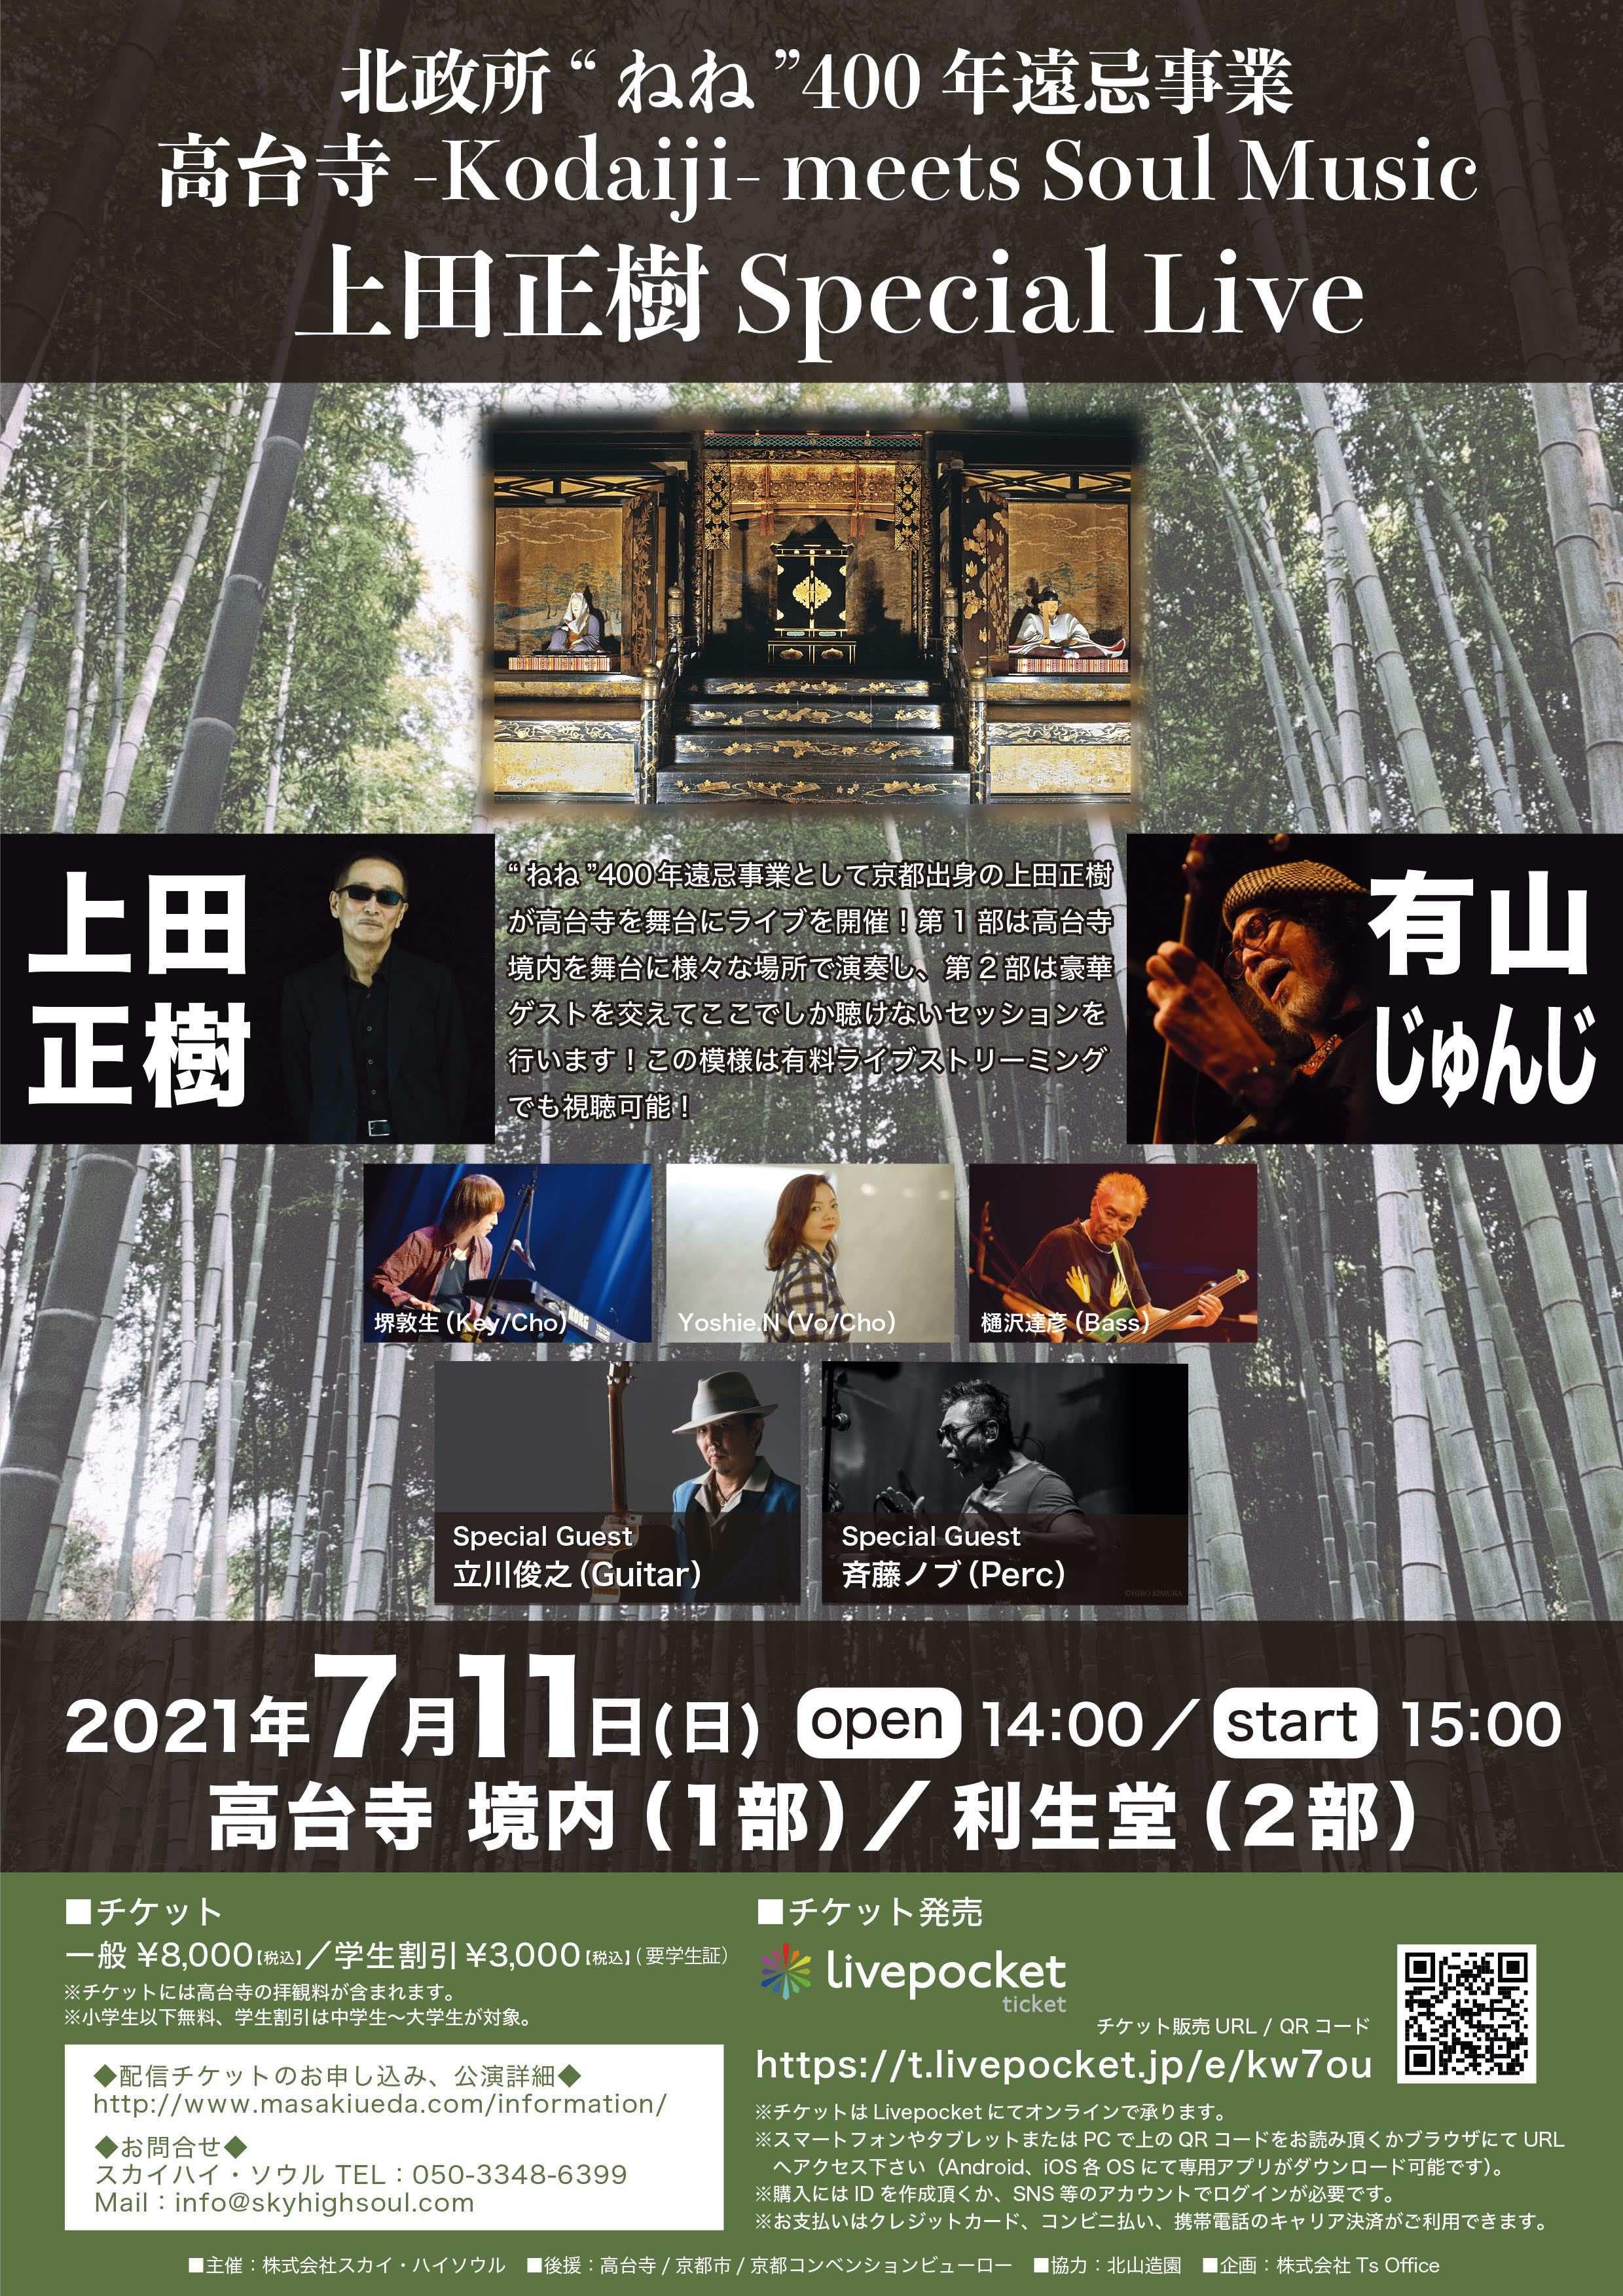 """北政所""""ねね""""400年遠忌事業「高台寺-Kodaiji- meets  Soul Music」"""